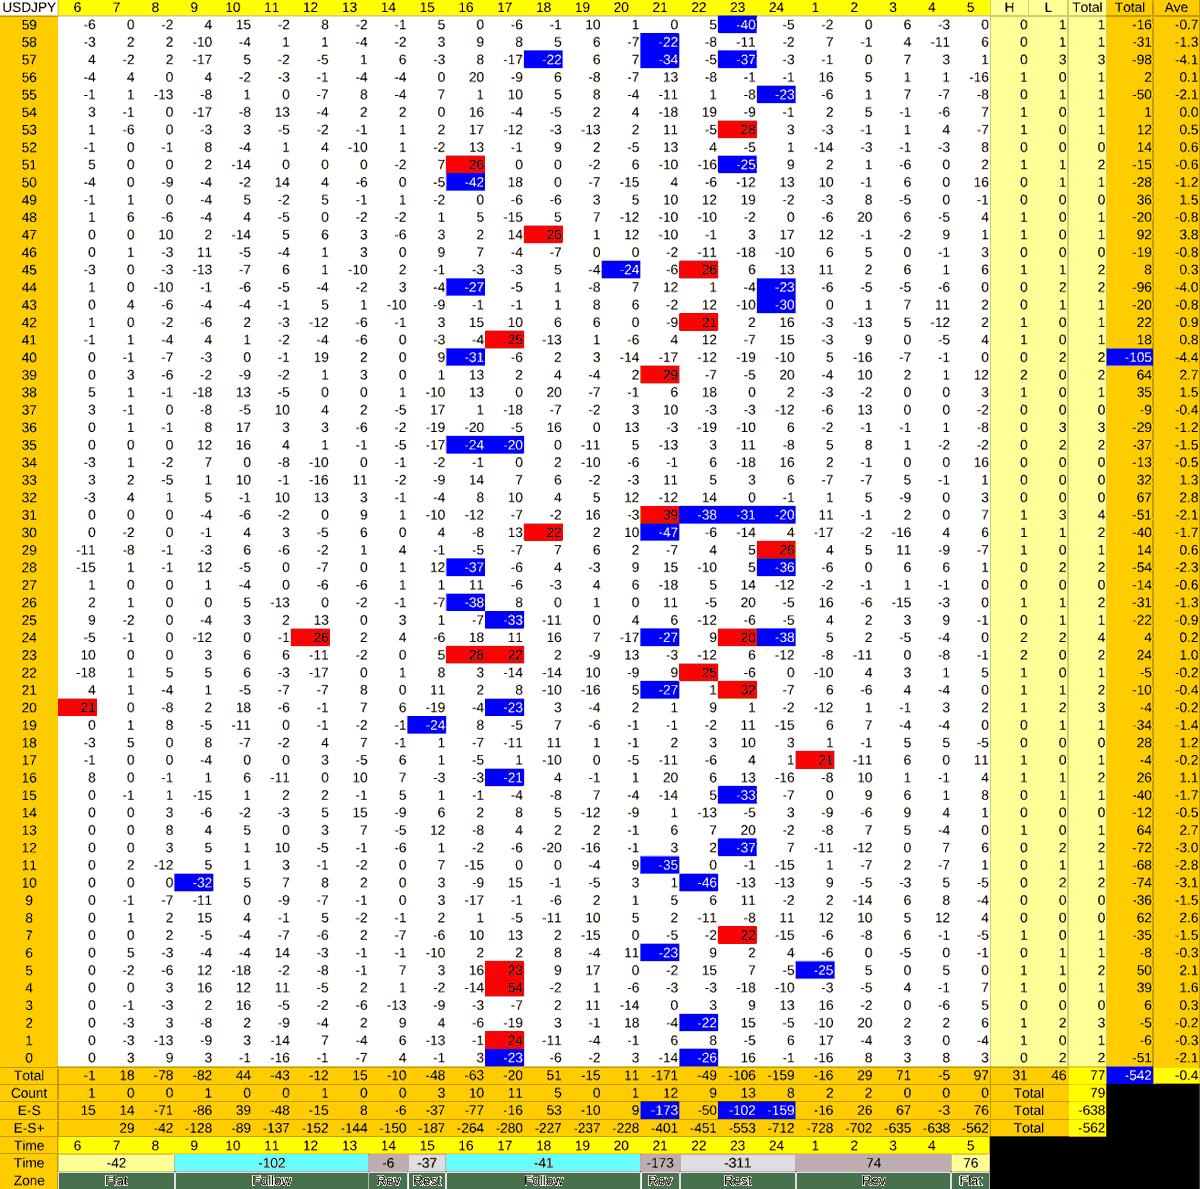 20210727_HS(1)USDJPY-min